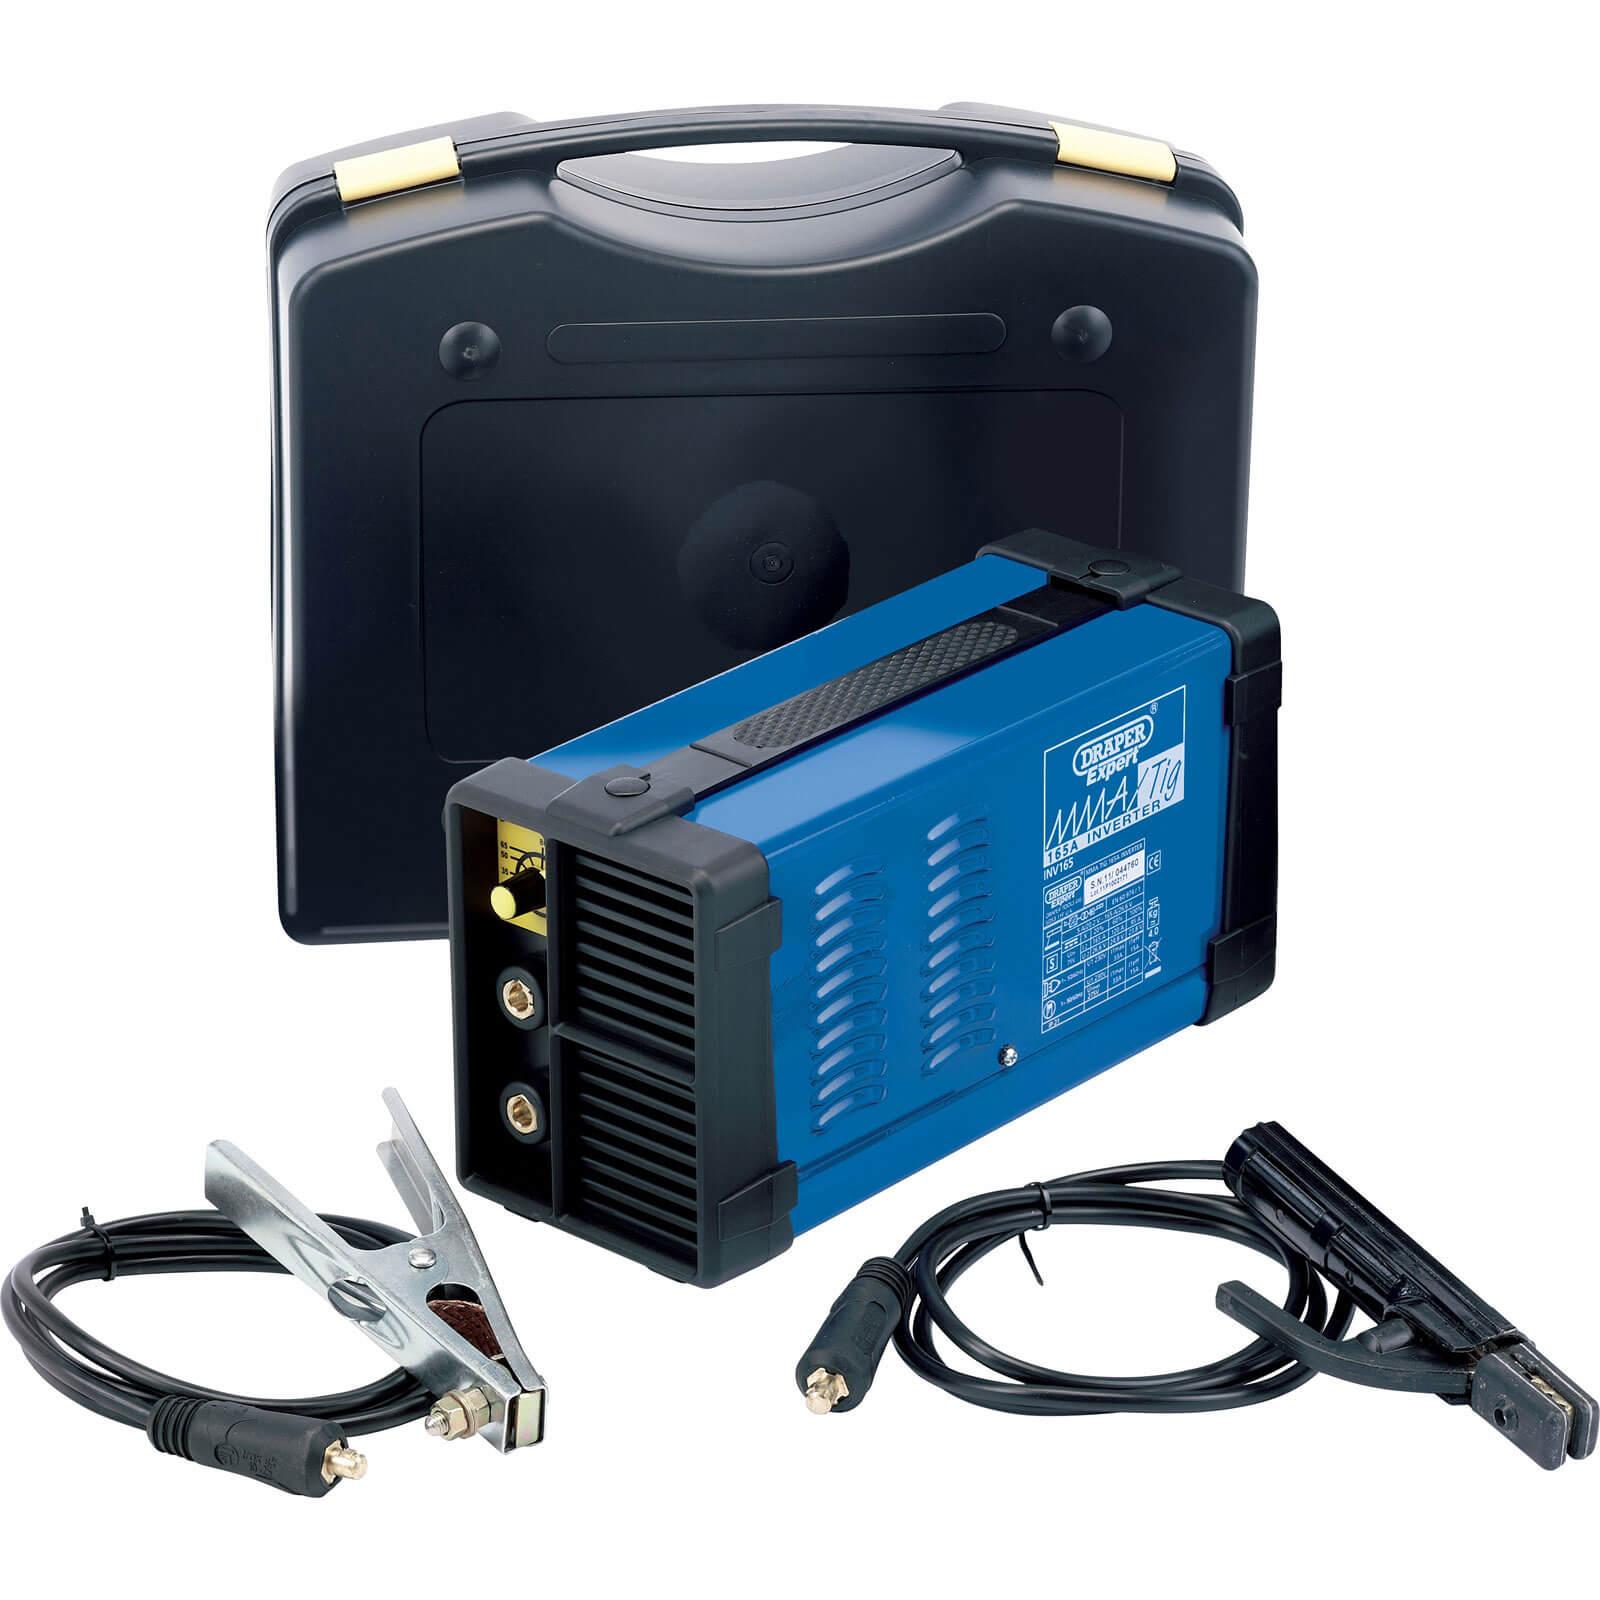 Draper Expert INV165 165Amp MMA/TIG Inverter Welder Kit 240v